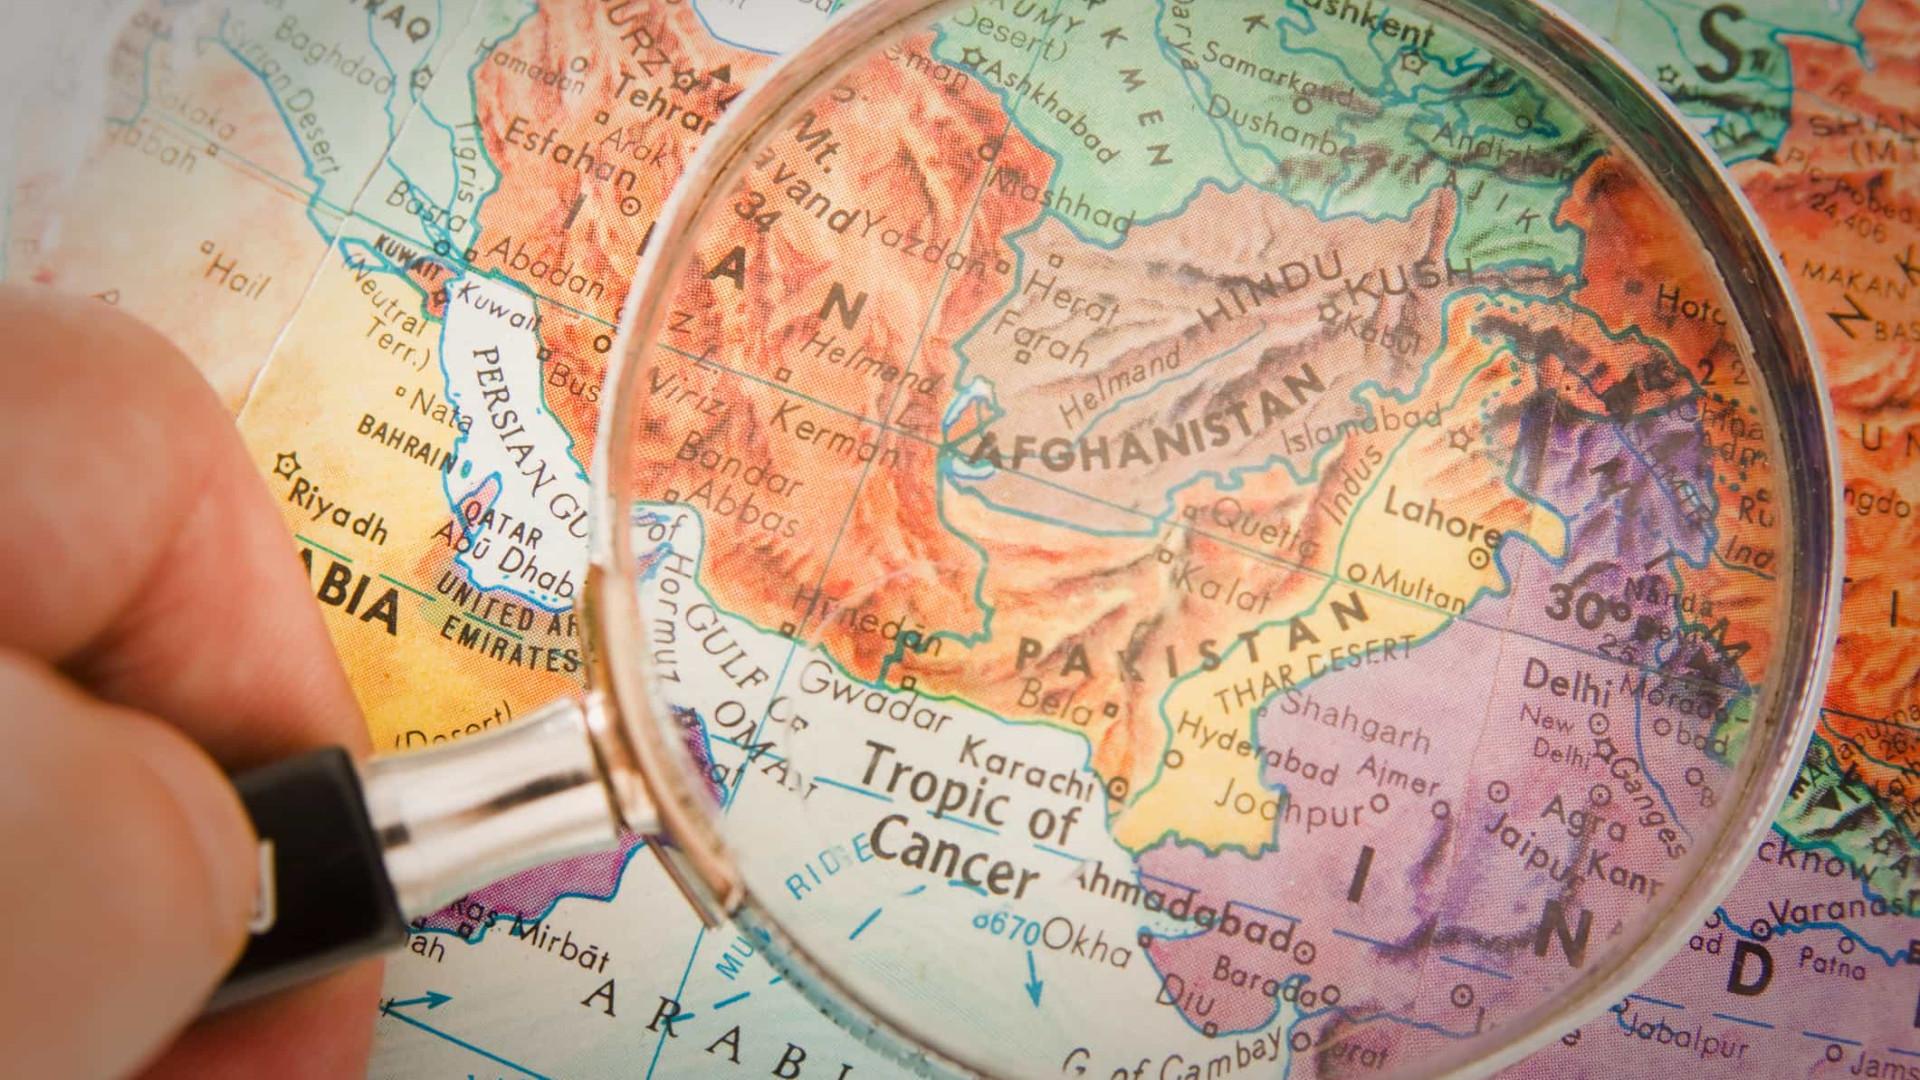 Afeganistão: 11 menores mortos em ataque aéreo contra mesquita